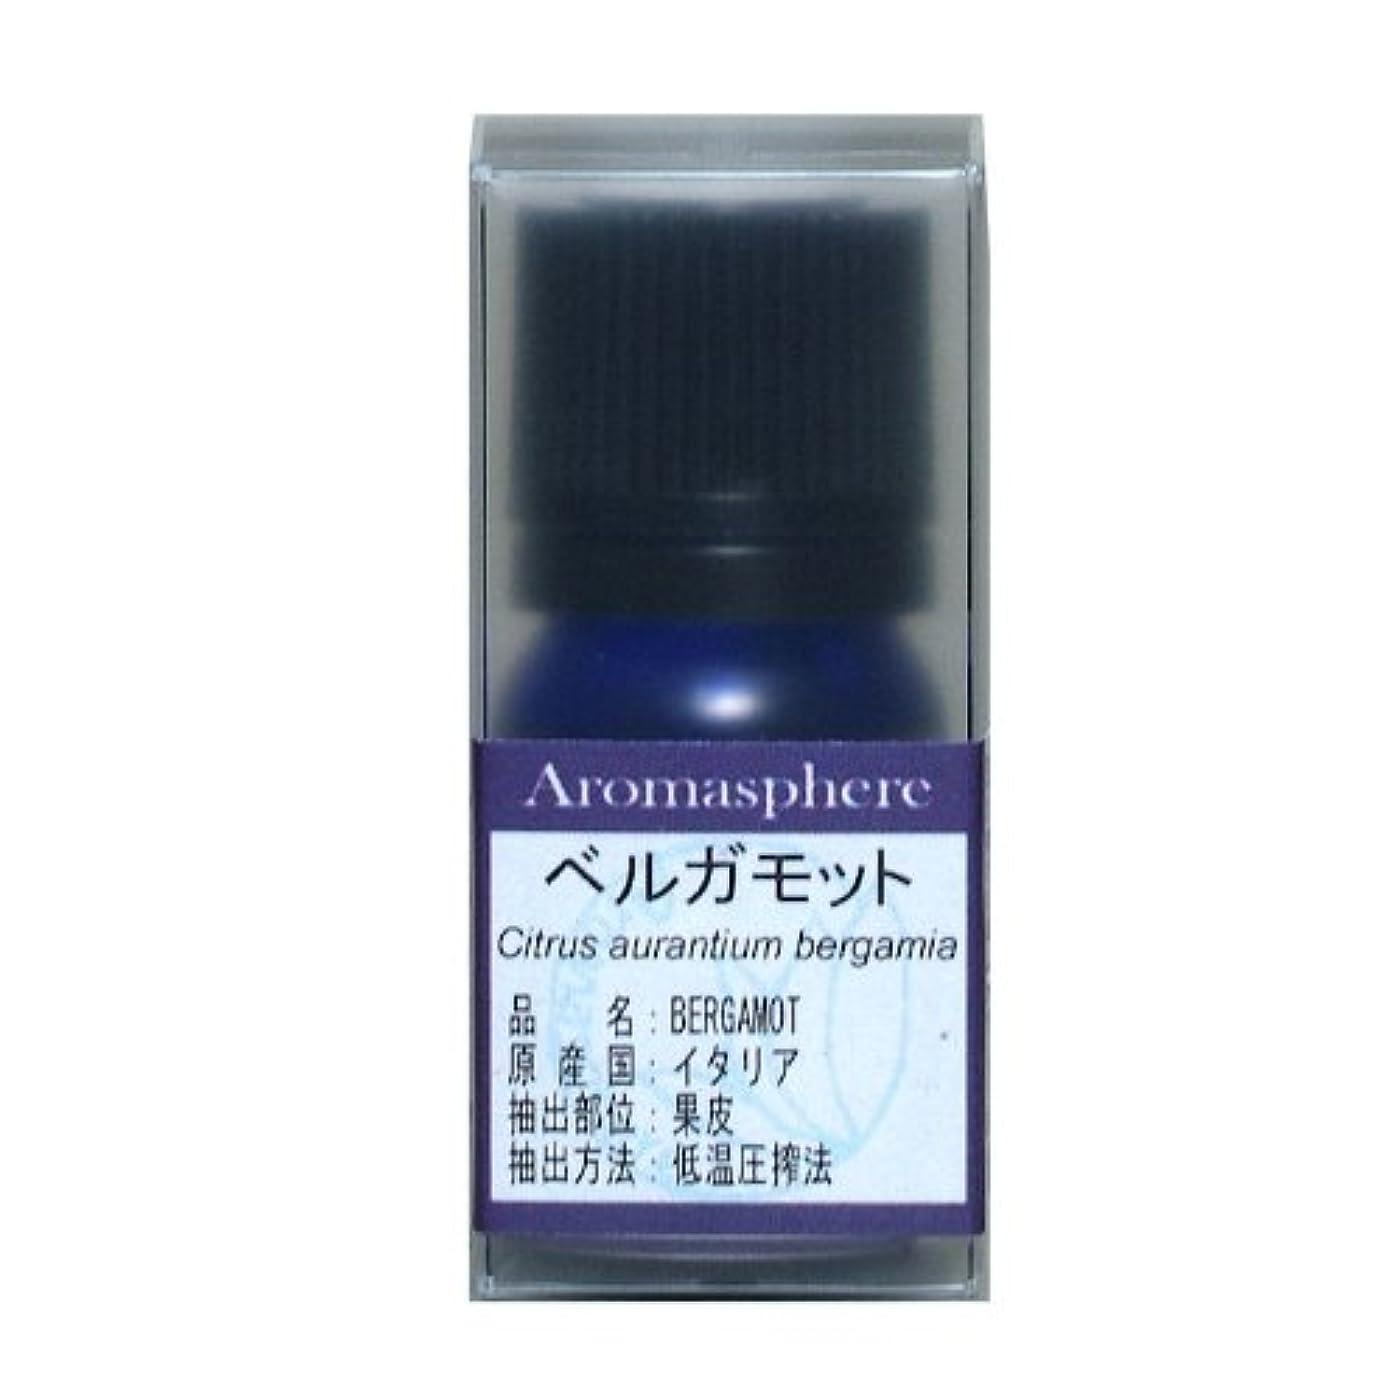 コーンウォールロードハウス担保【アロマスフィア】ベルガモット 5ml エッセンシャルオイル(精油)